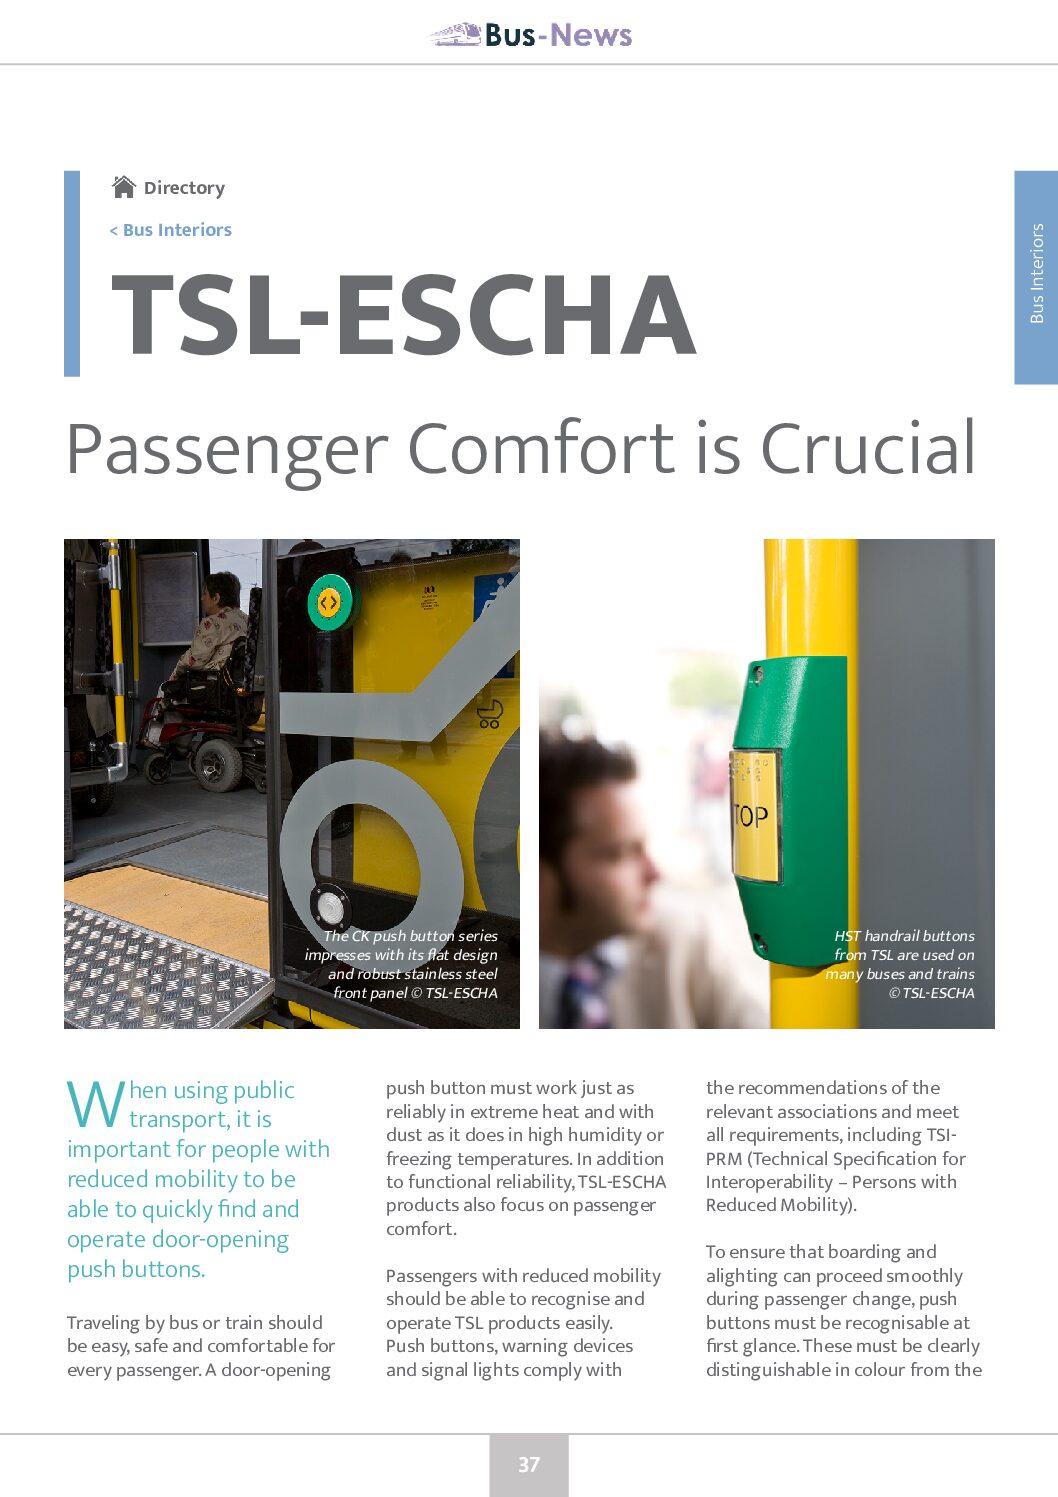 TSL-ESCHA: Passenger Comfort is Crucial